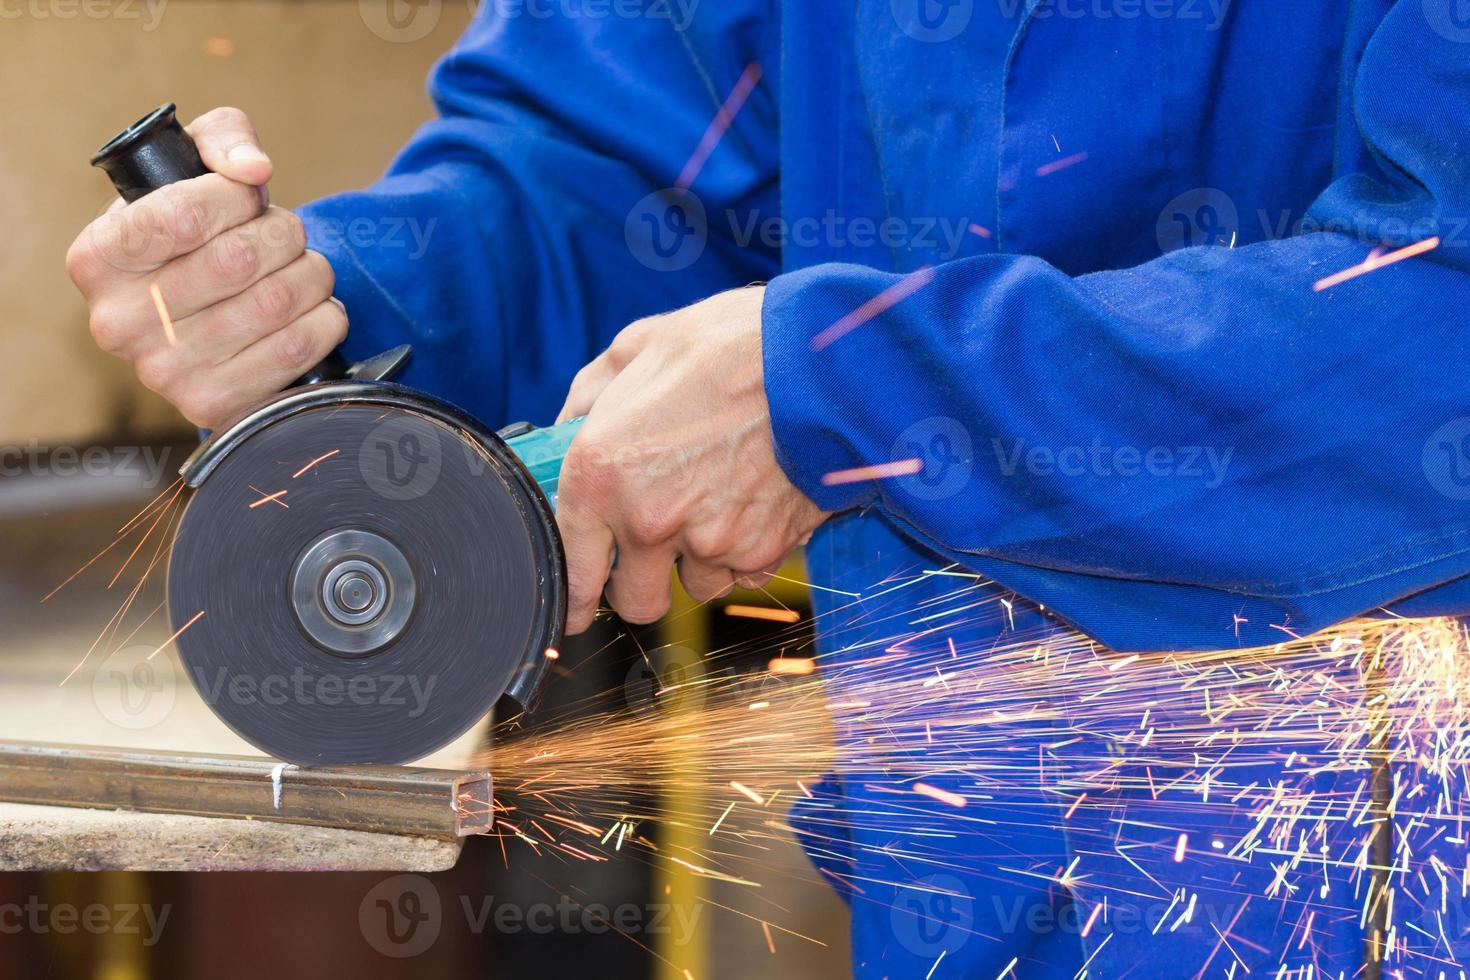 Schneiden von Metallrohren durch Schleifverfahren foto